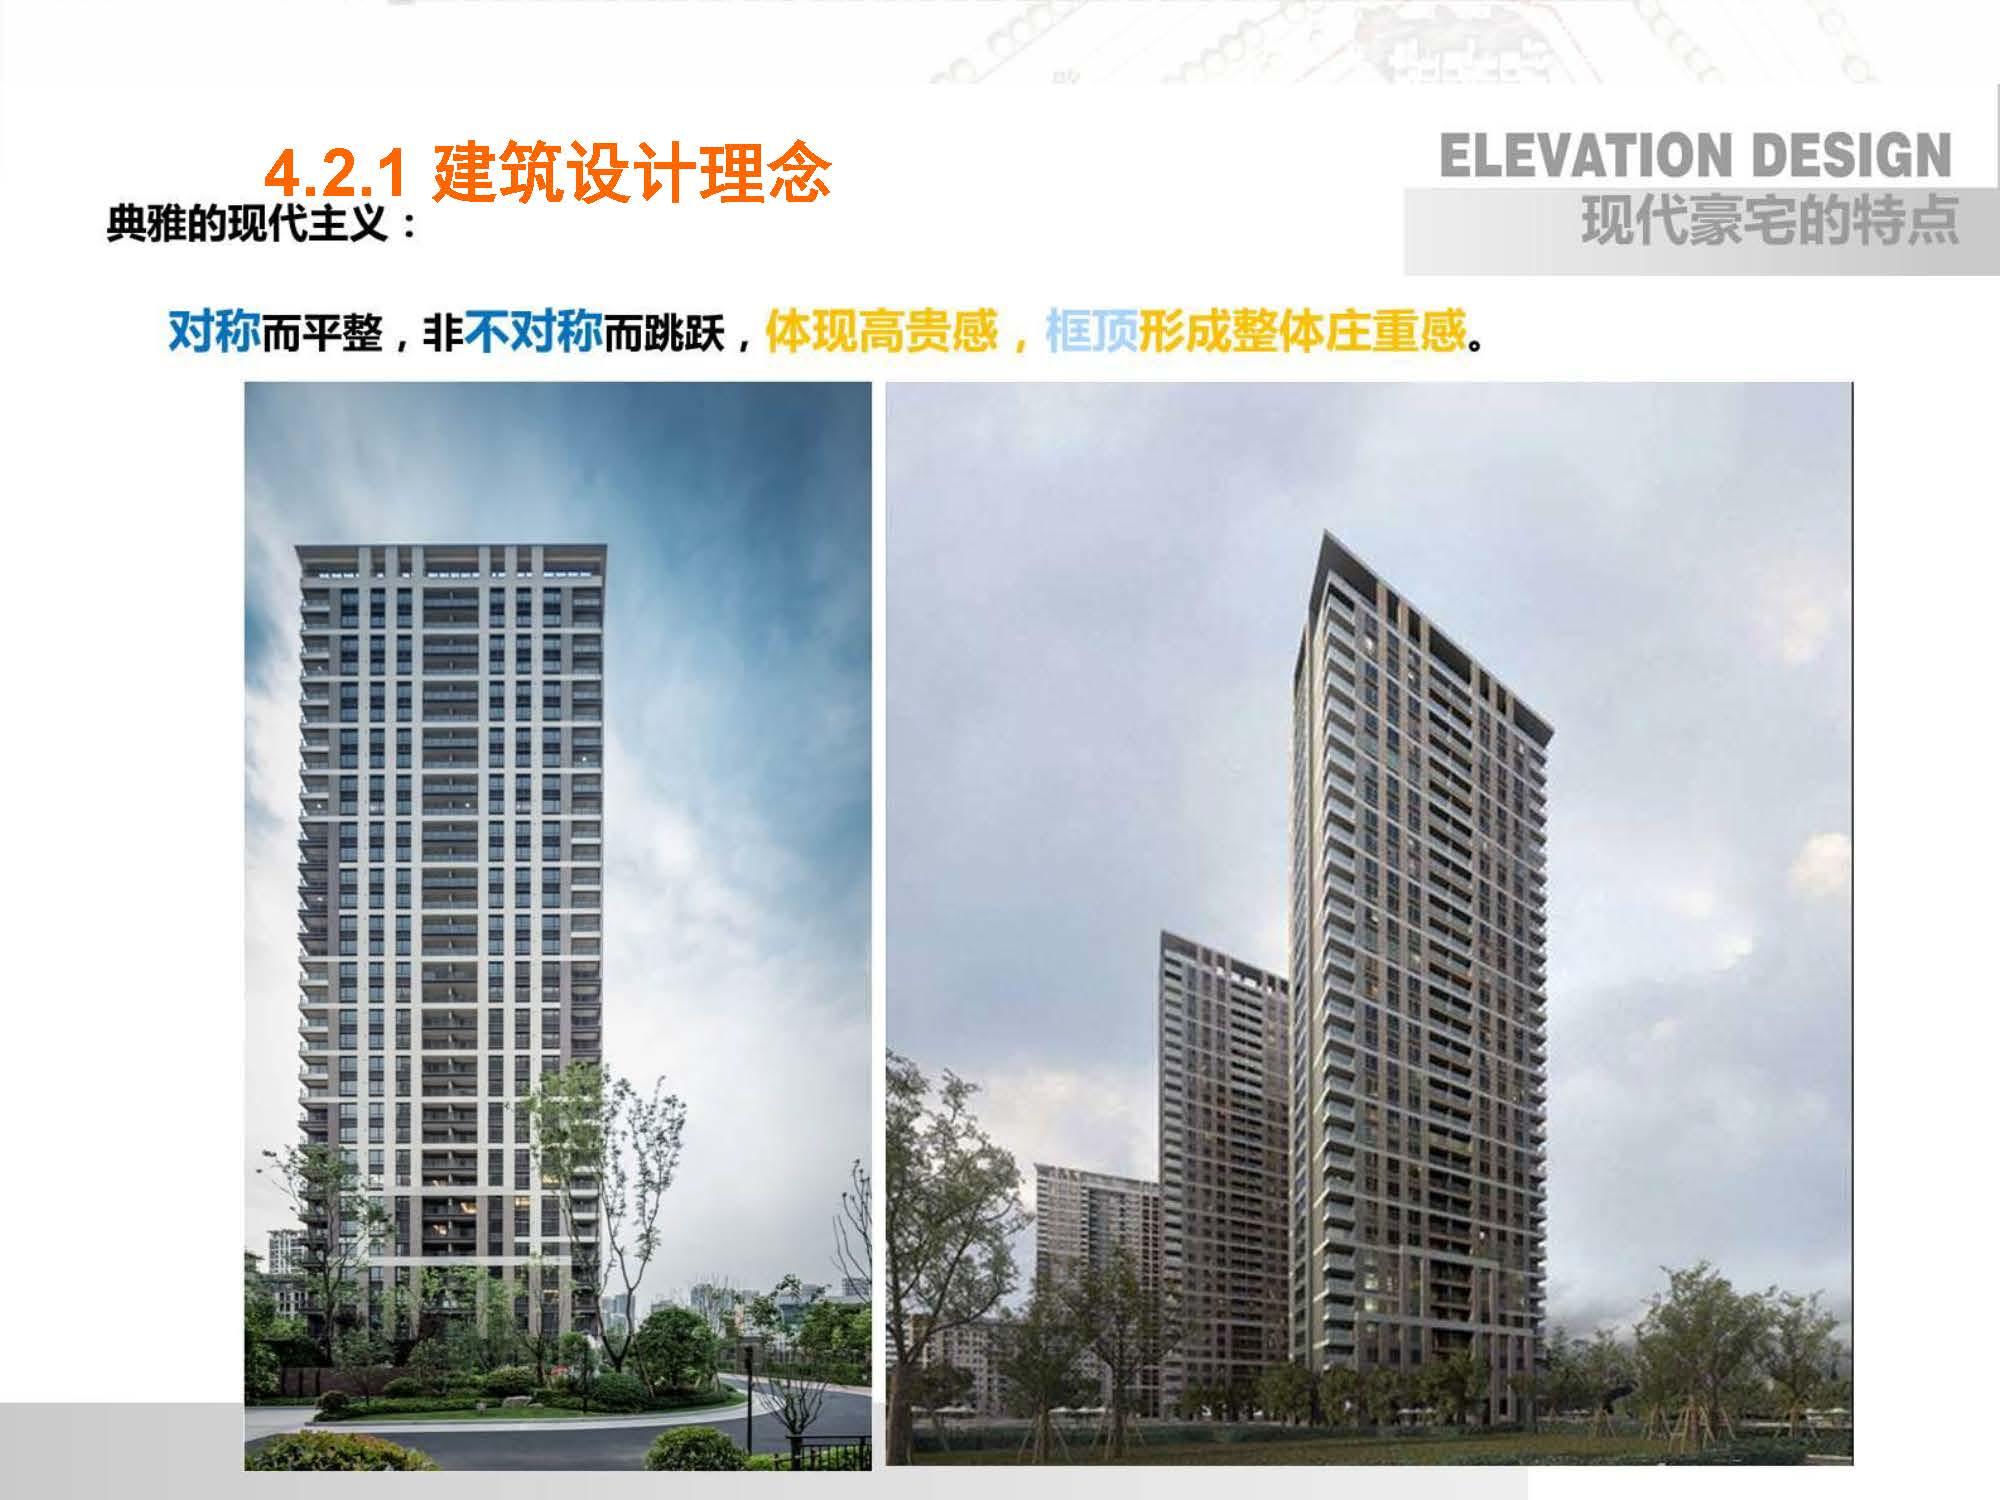 中海沈阳销售手册20180809--EPG--建筑设计理念及亮点 _页面_19.jpg